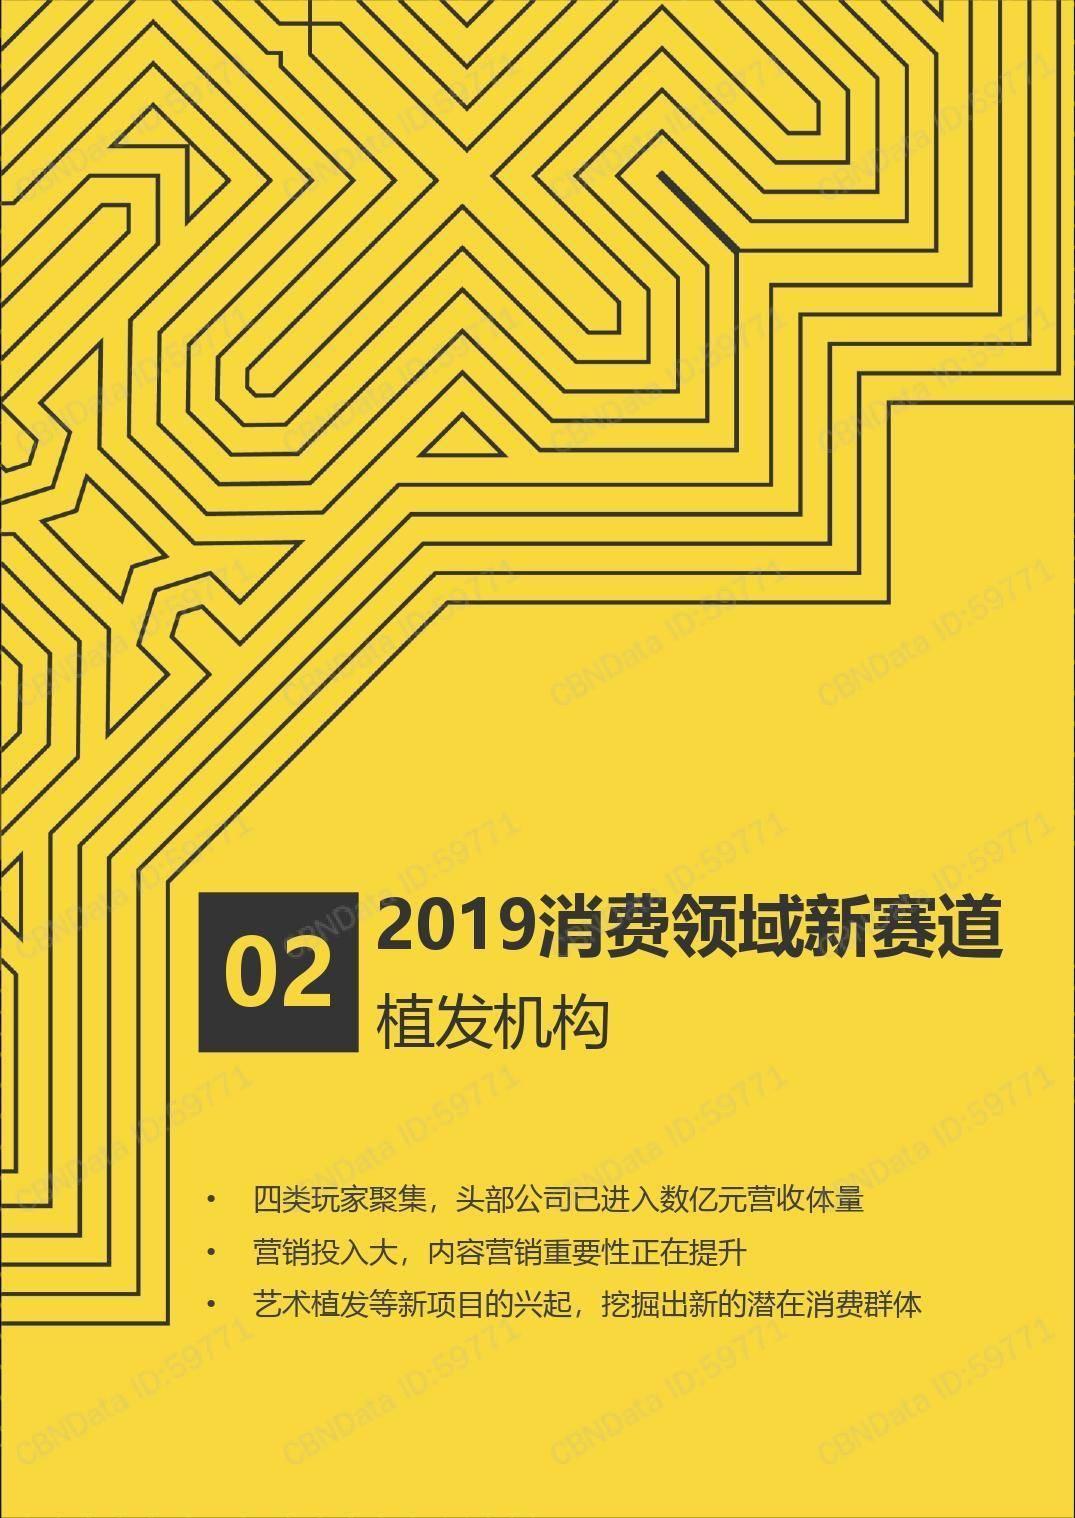 CBNData:2019消费领域10大新赛道